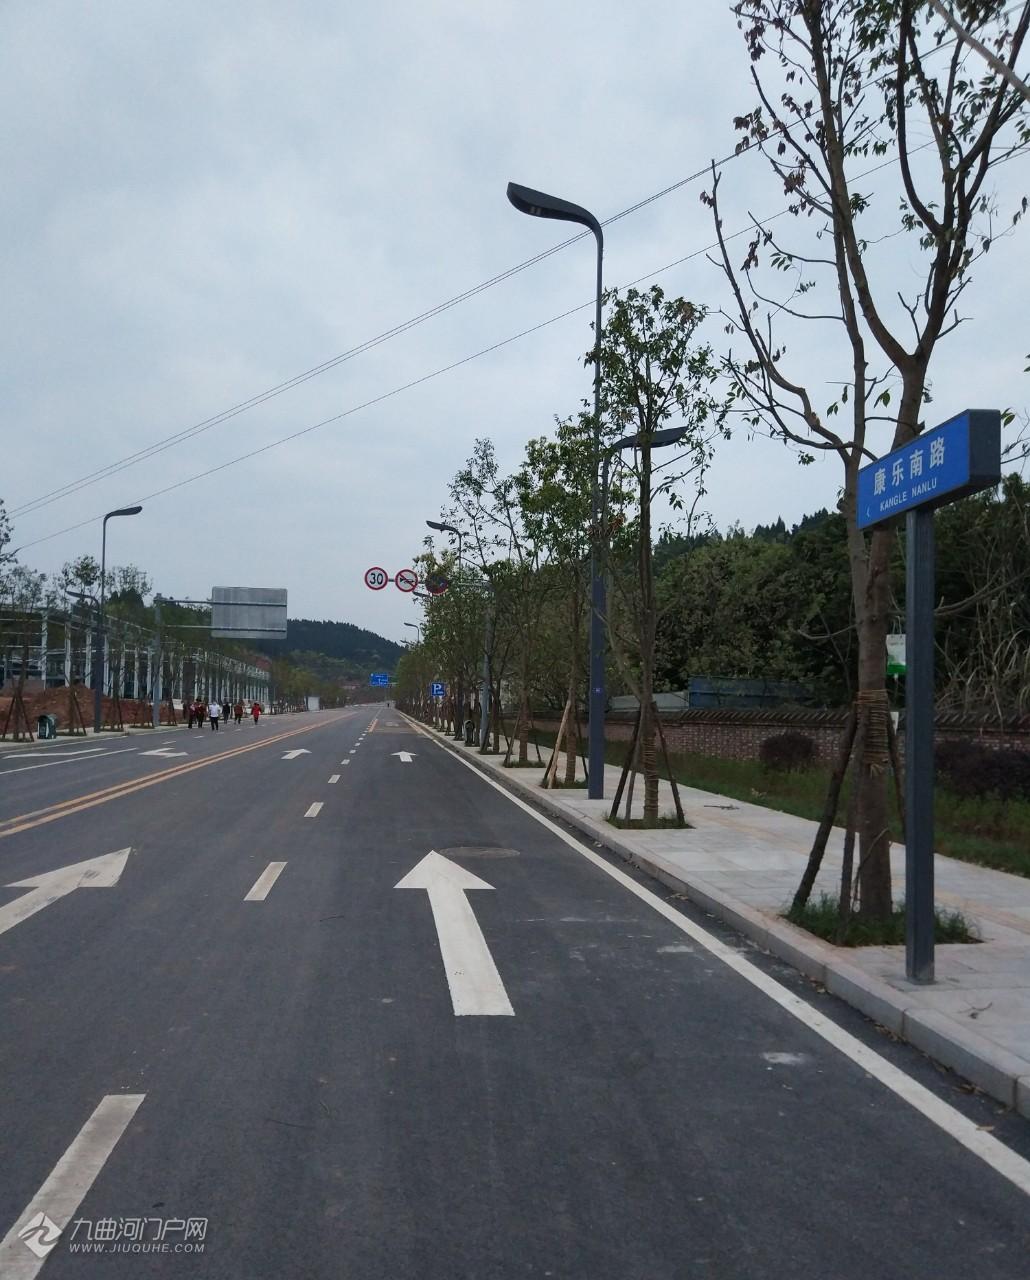 康乐南路竣工将投用,连接外环路和大千路,中间与民福路相连!